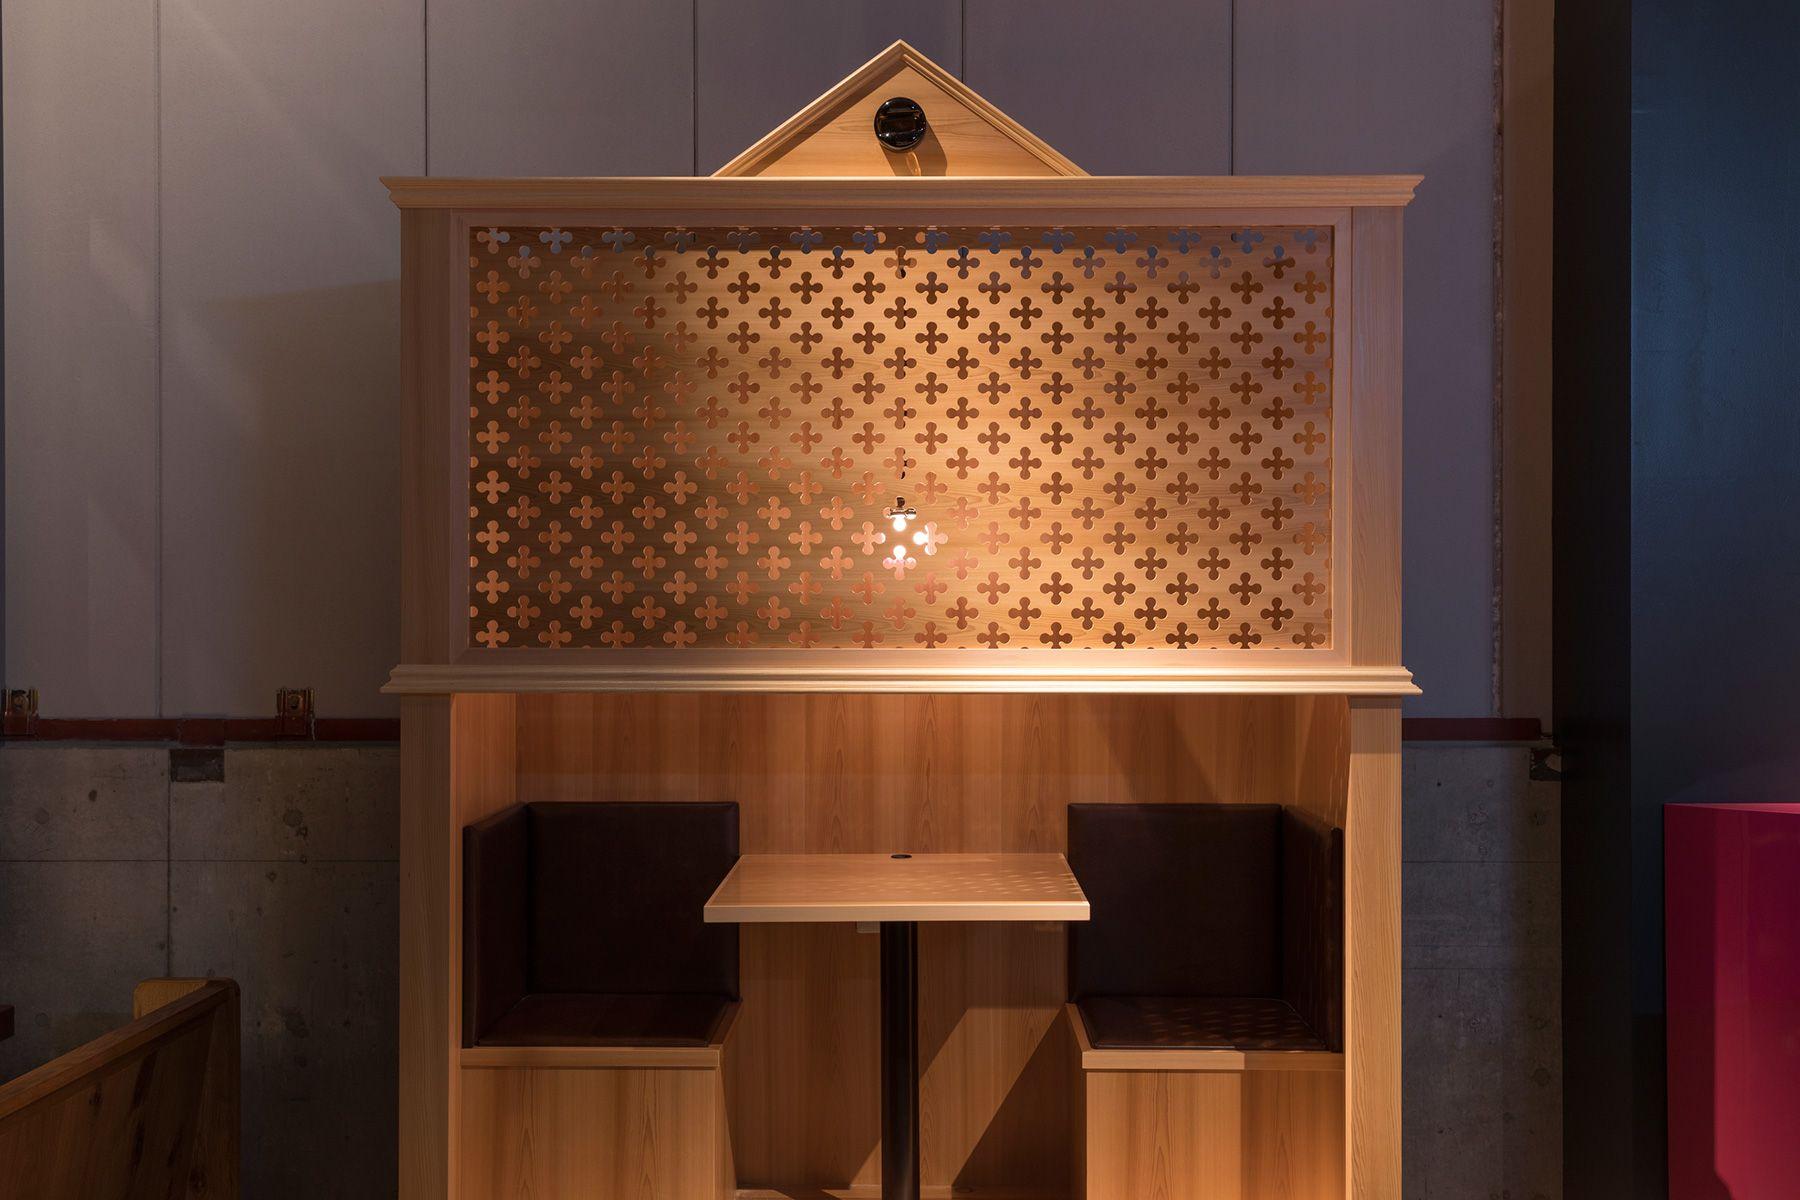 PAVILION(パビリオン)/店舗懺悔室を模した個室